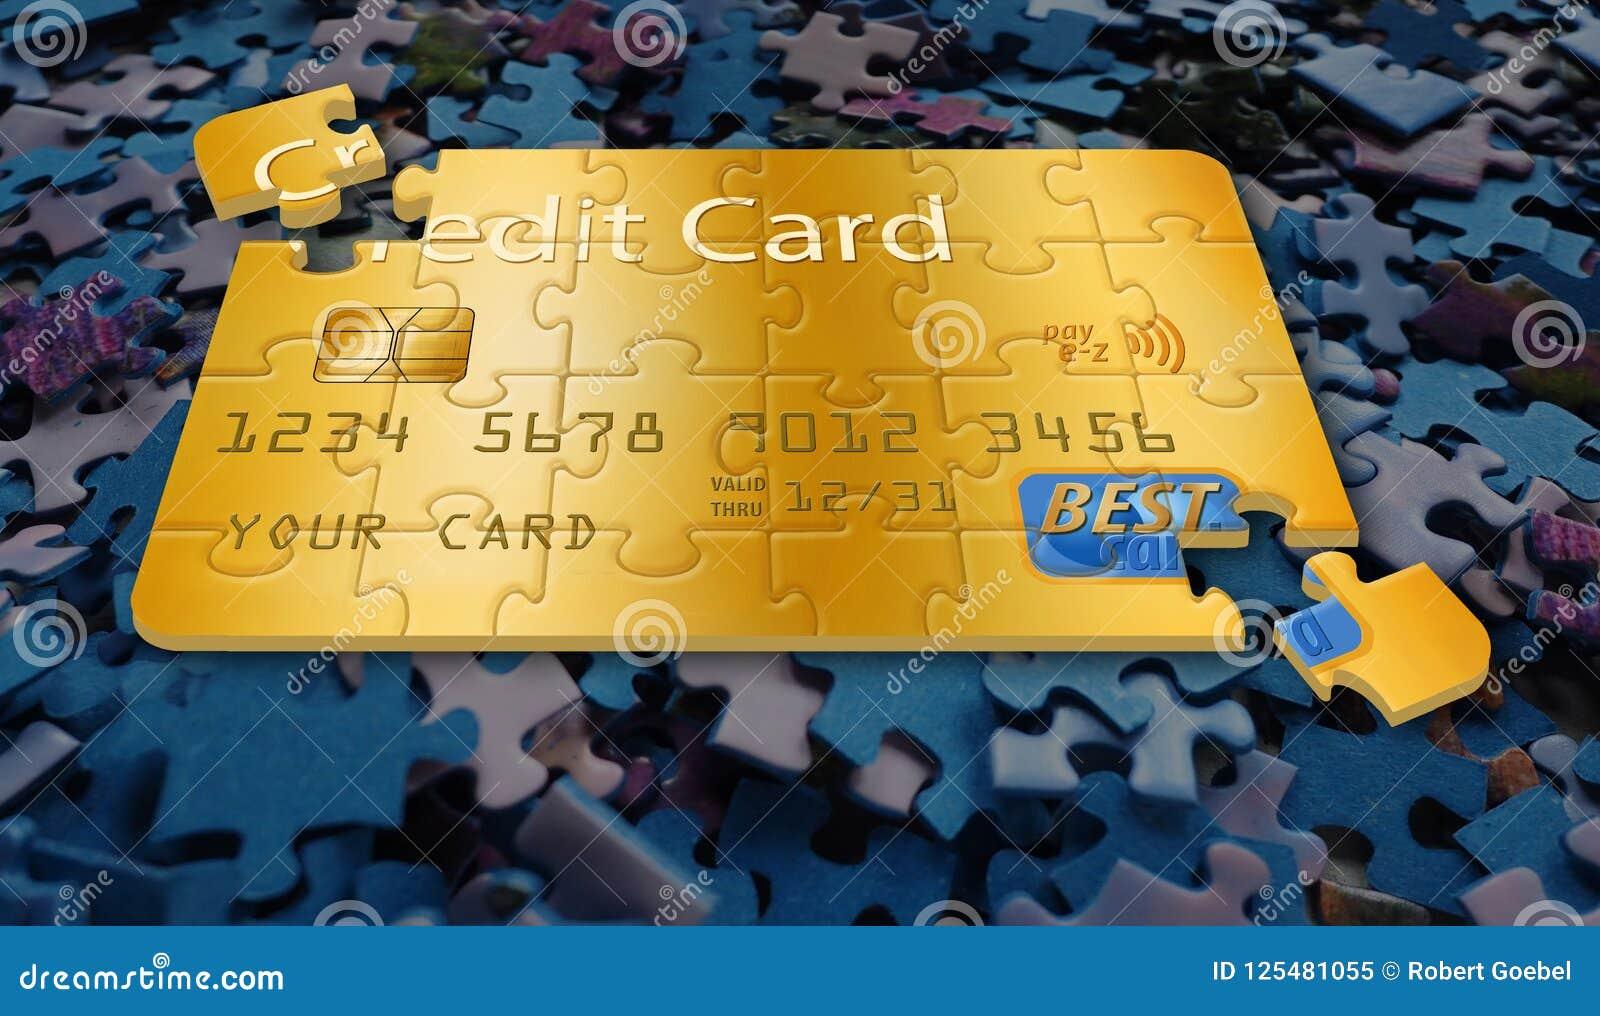 这是一张普通信用卡被做成一个七巧板